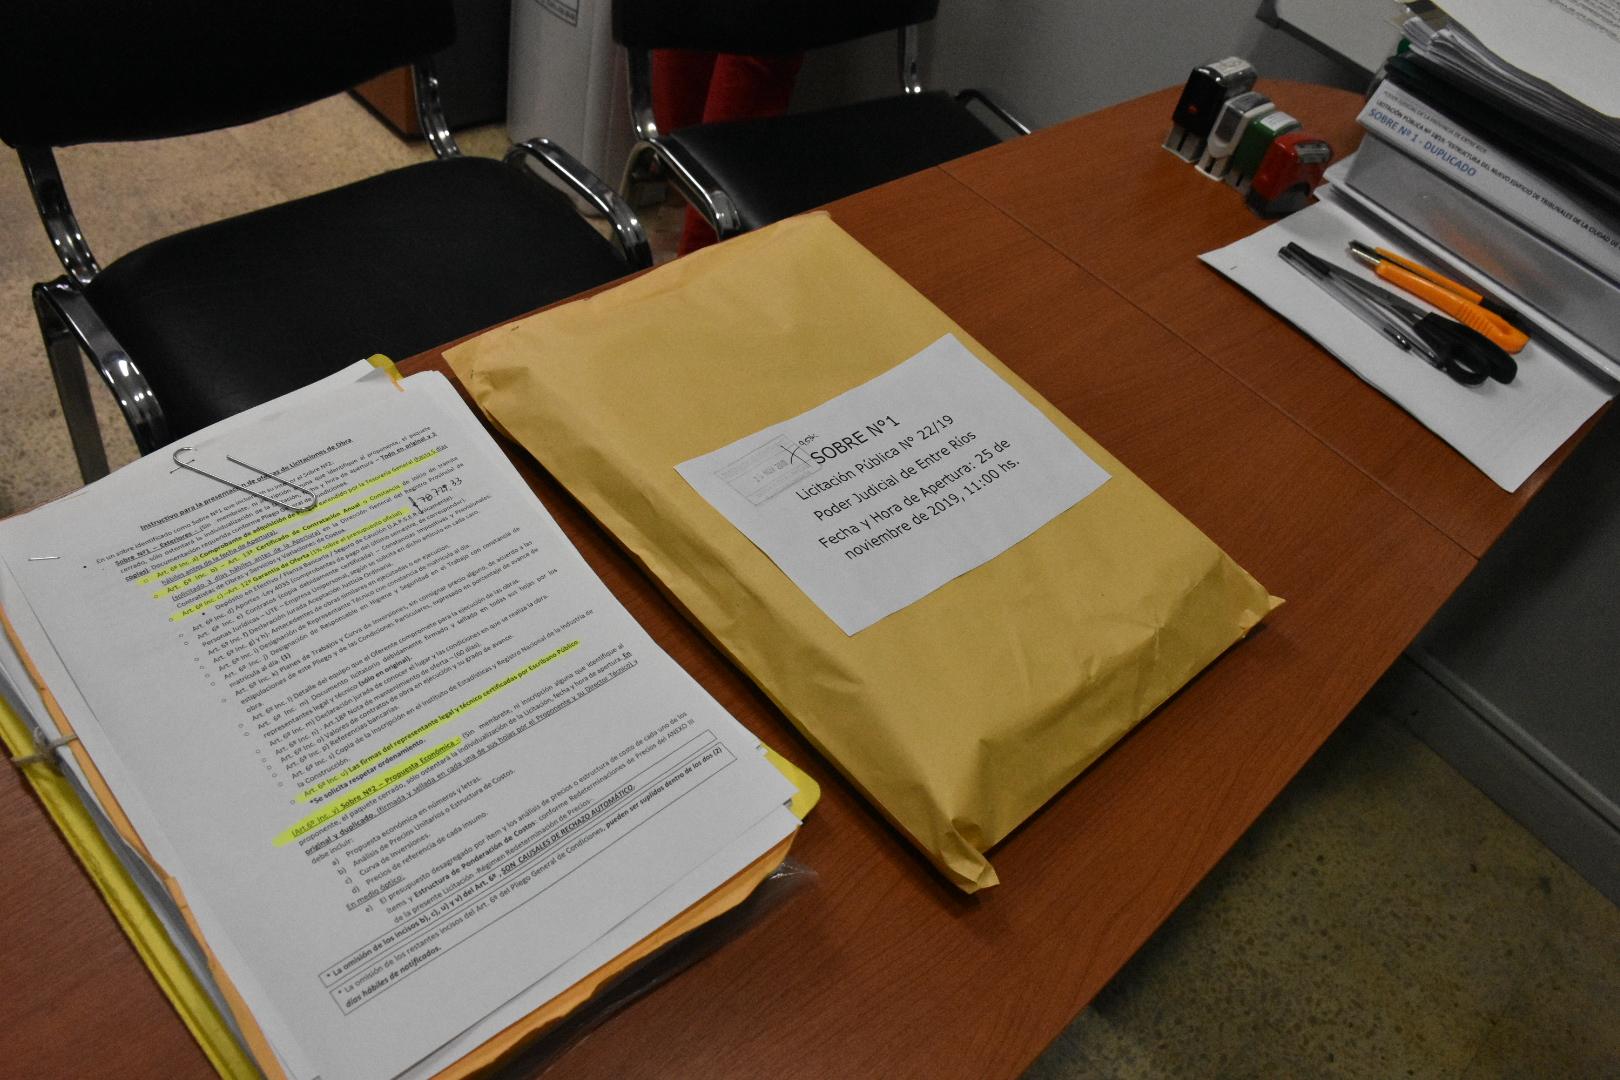 Nuevo llamado a licitación pública para la tercera etapa de un edificio judicial en Paraná